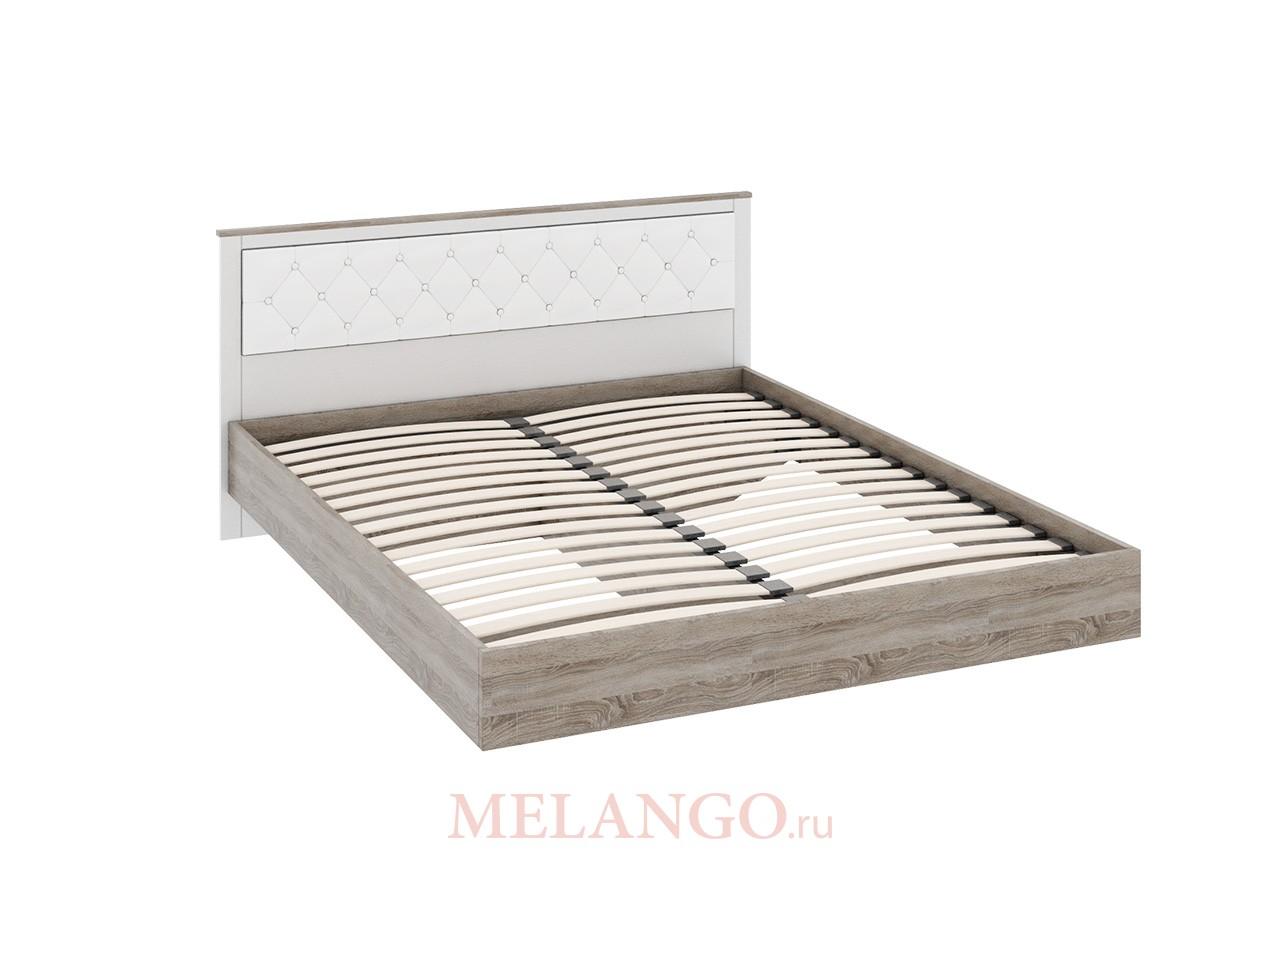 Двуспальная кровать с мягкой спинкой «Прованс» СМ-223.01.005